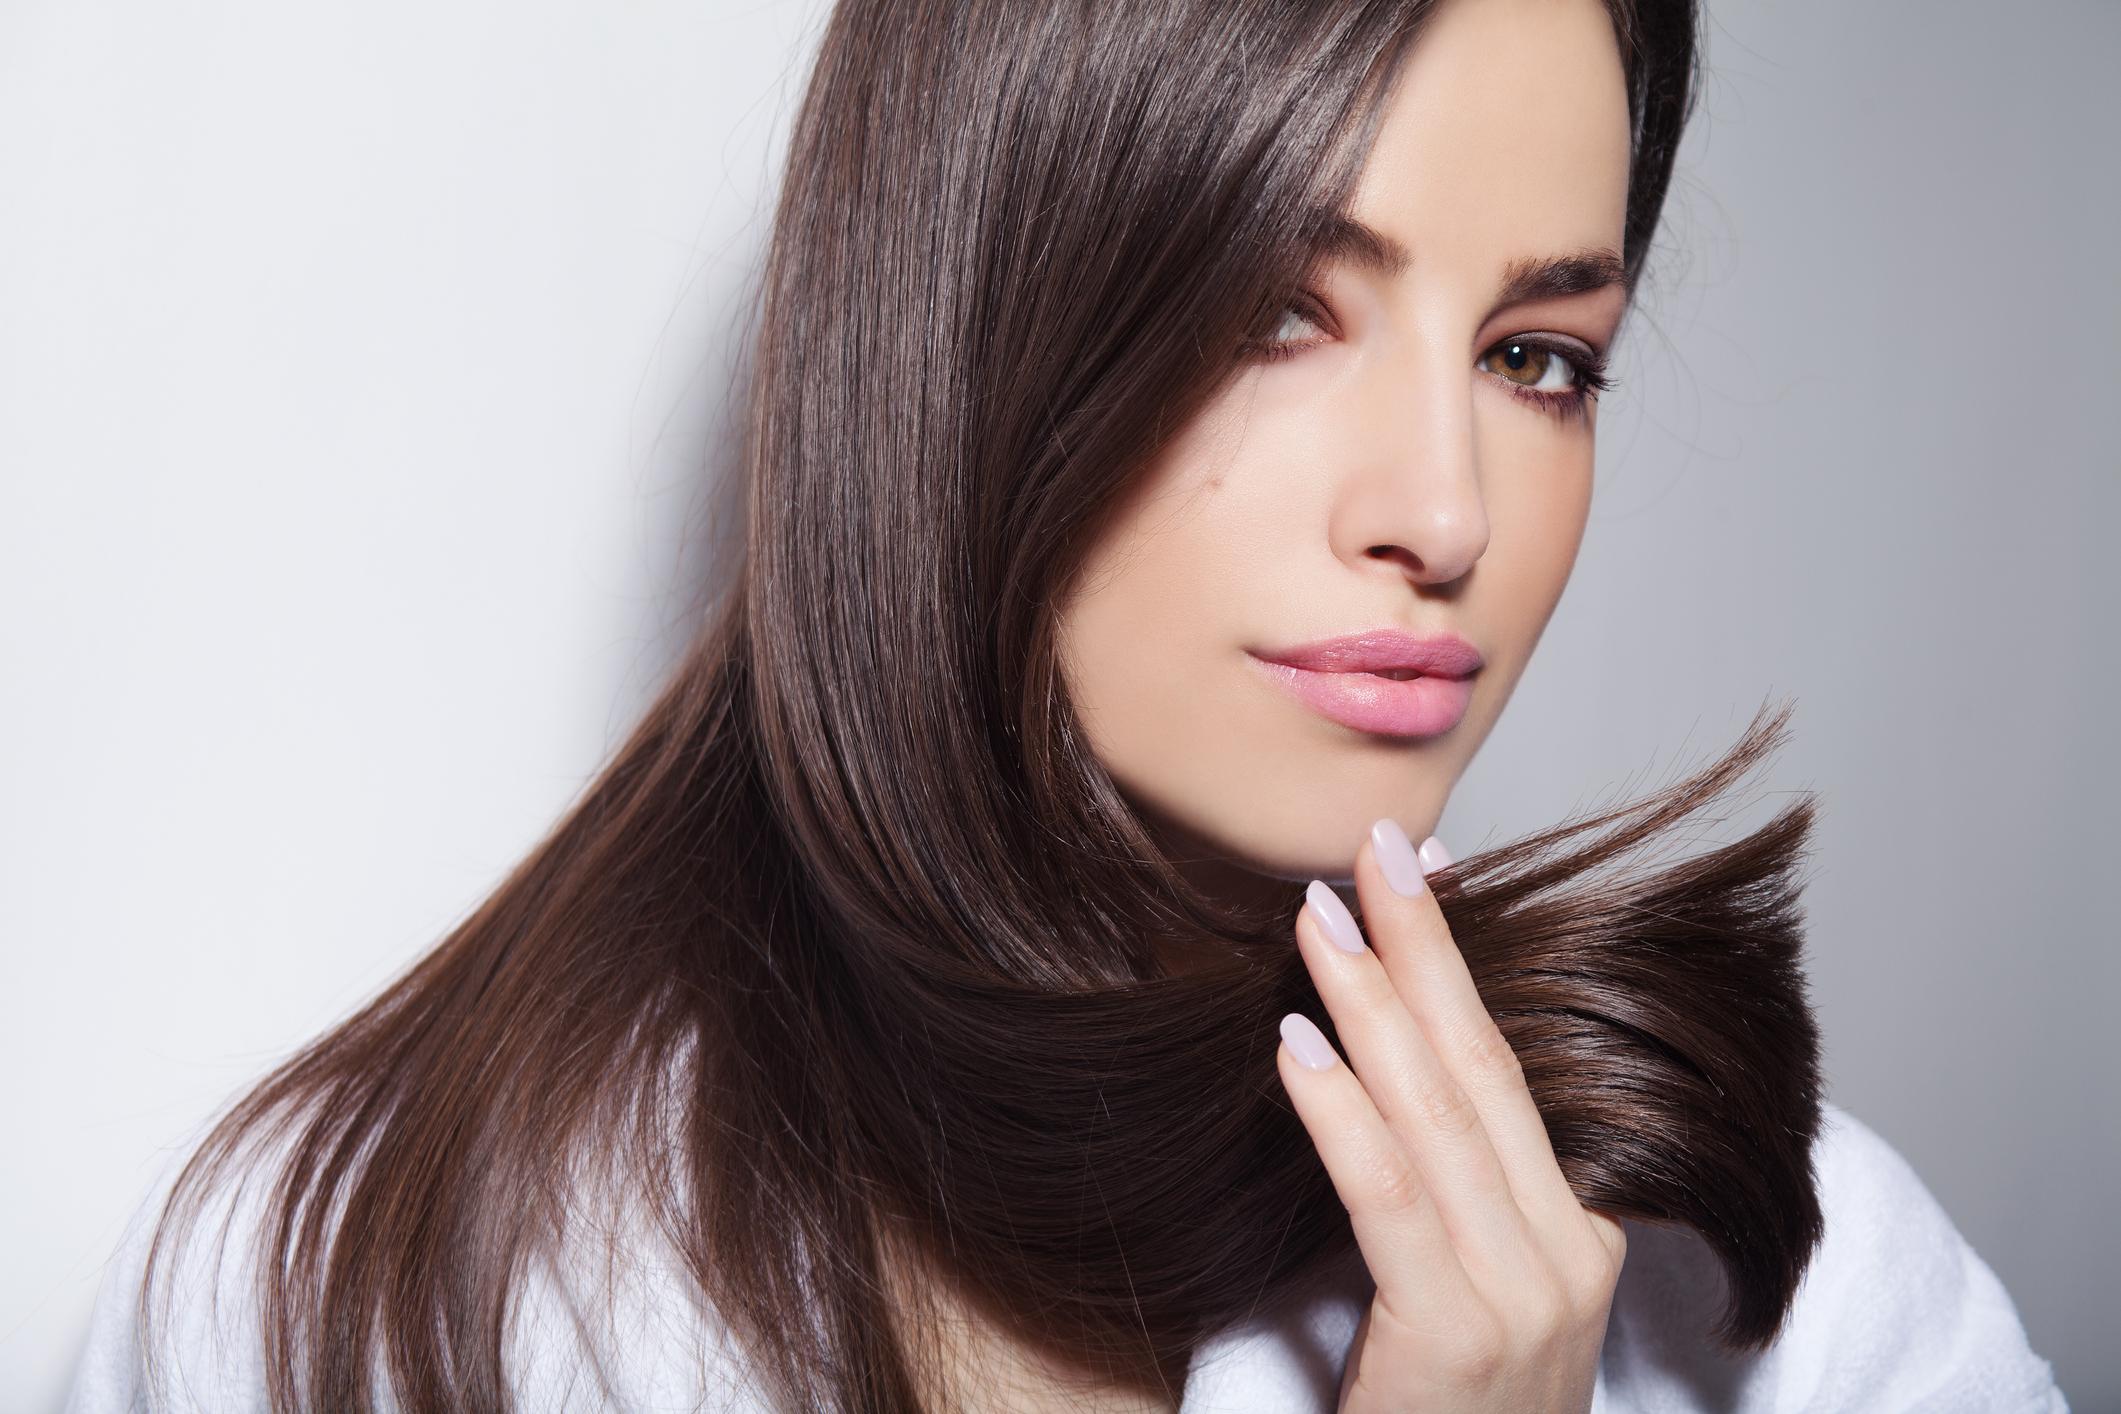 Narovnávání vlasů